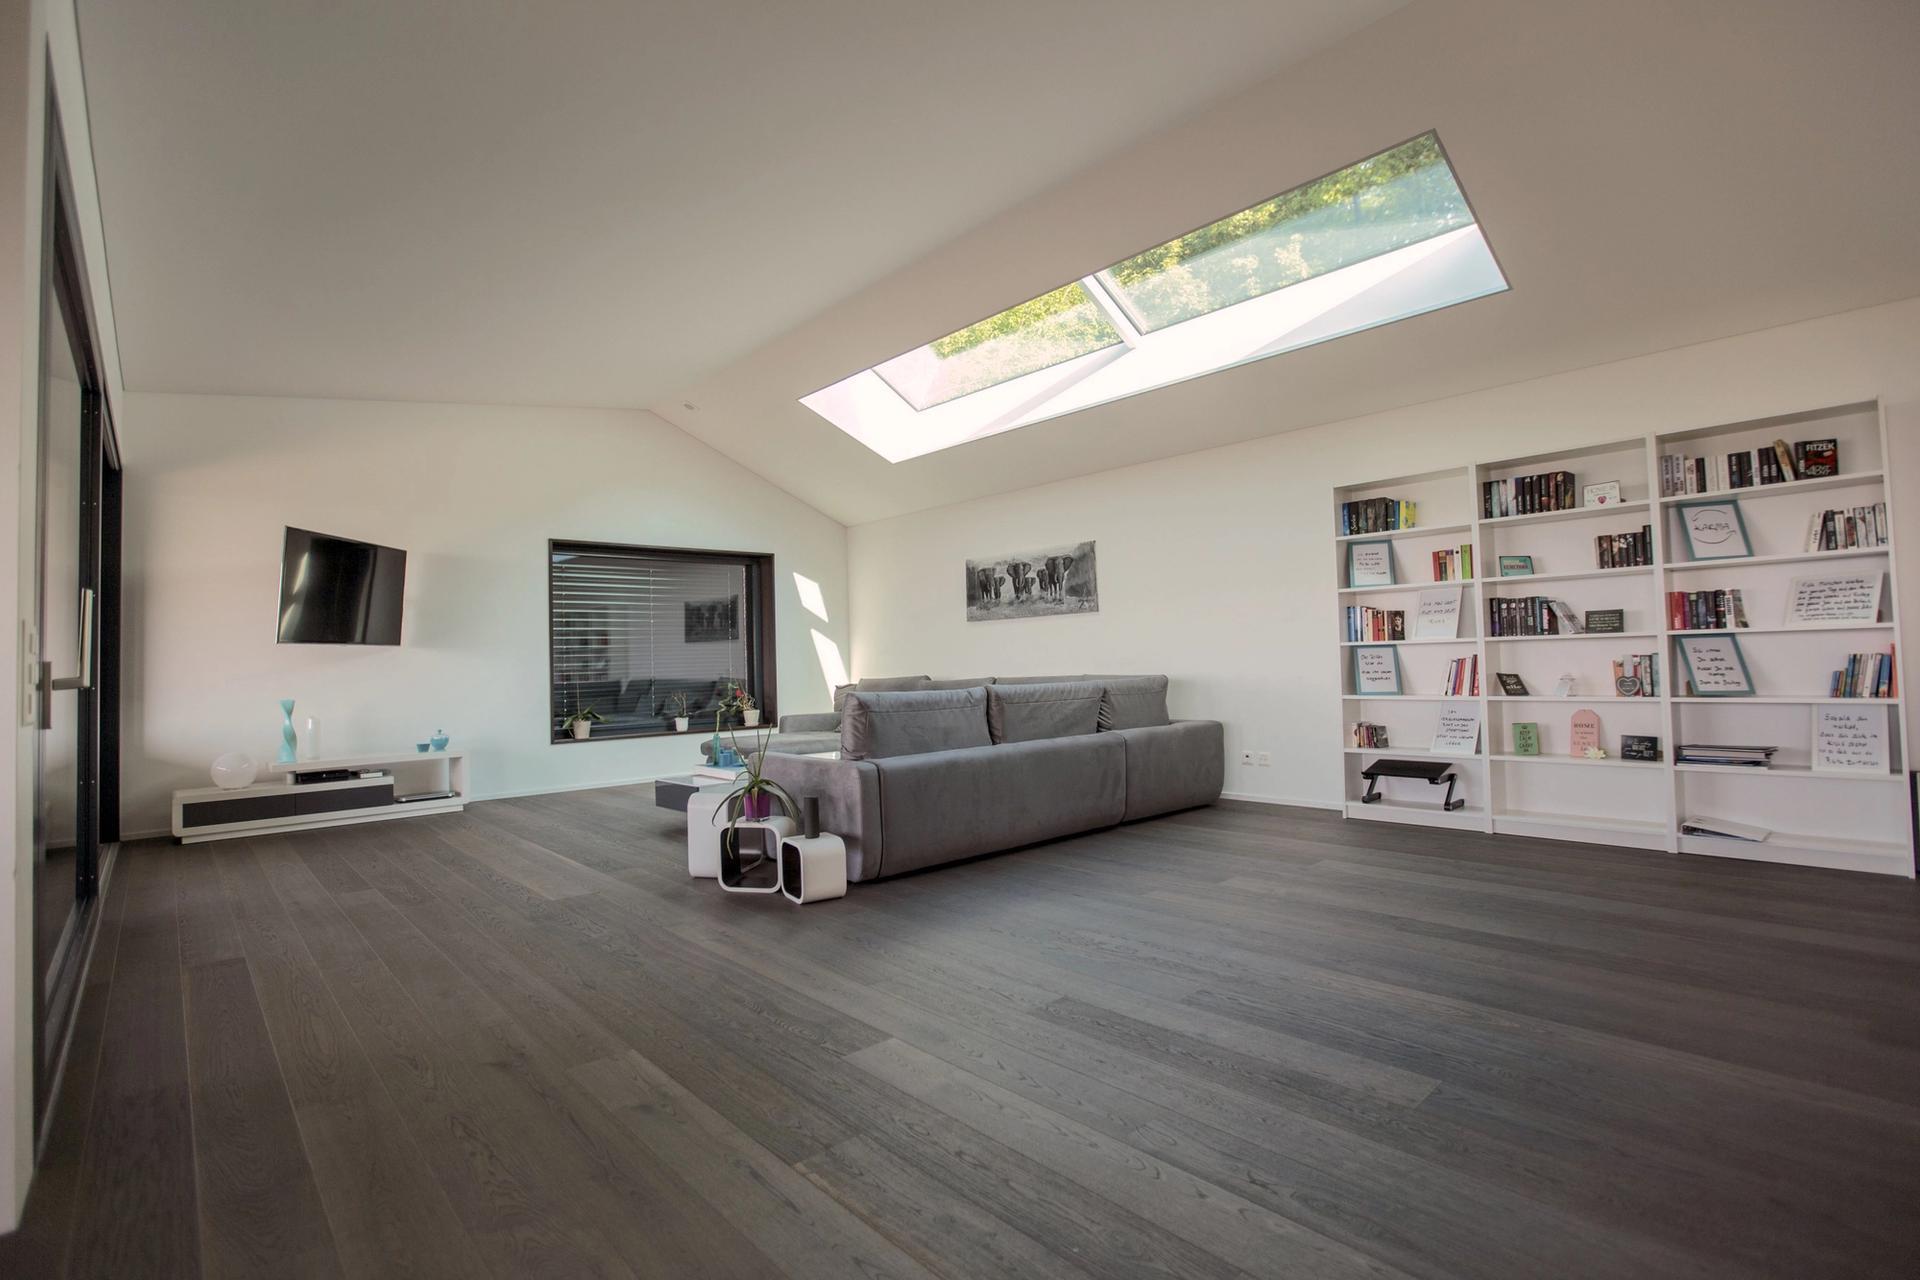 Dachfenster im Wohnzimmer